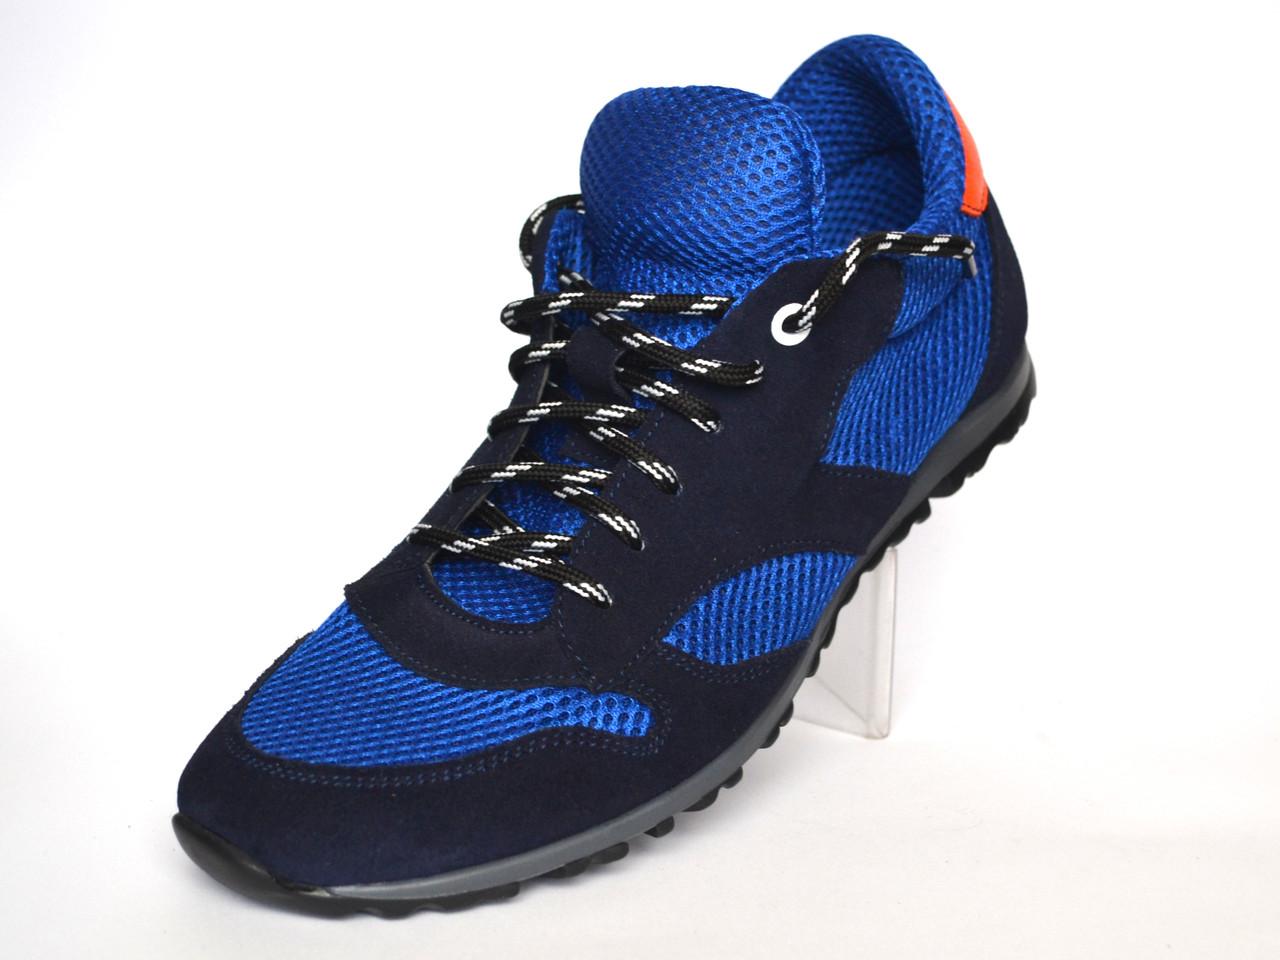 Большой размер кроссовки сникерсы мужские в сеточку с кожаными вставками Rosso Avangard BS Riddo Blu синие